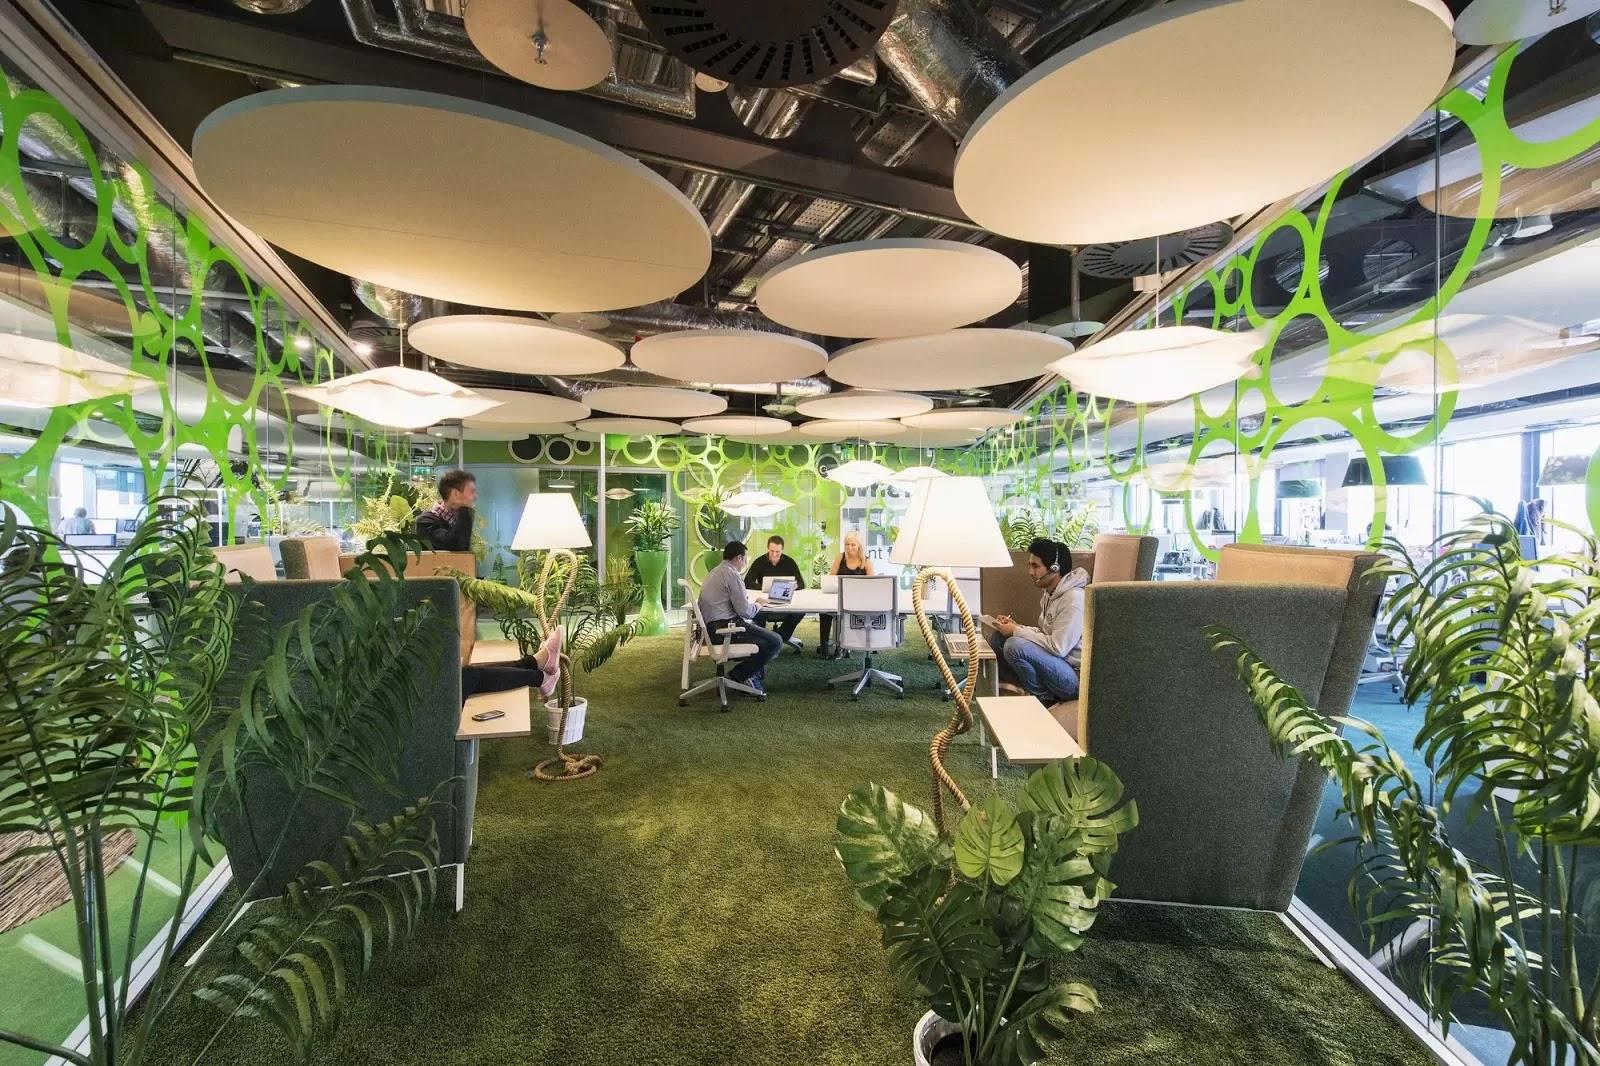 desain interior kantor dengan kombinasi warna cerah